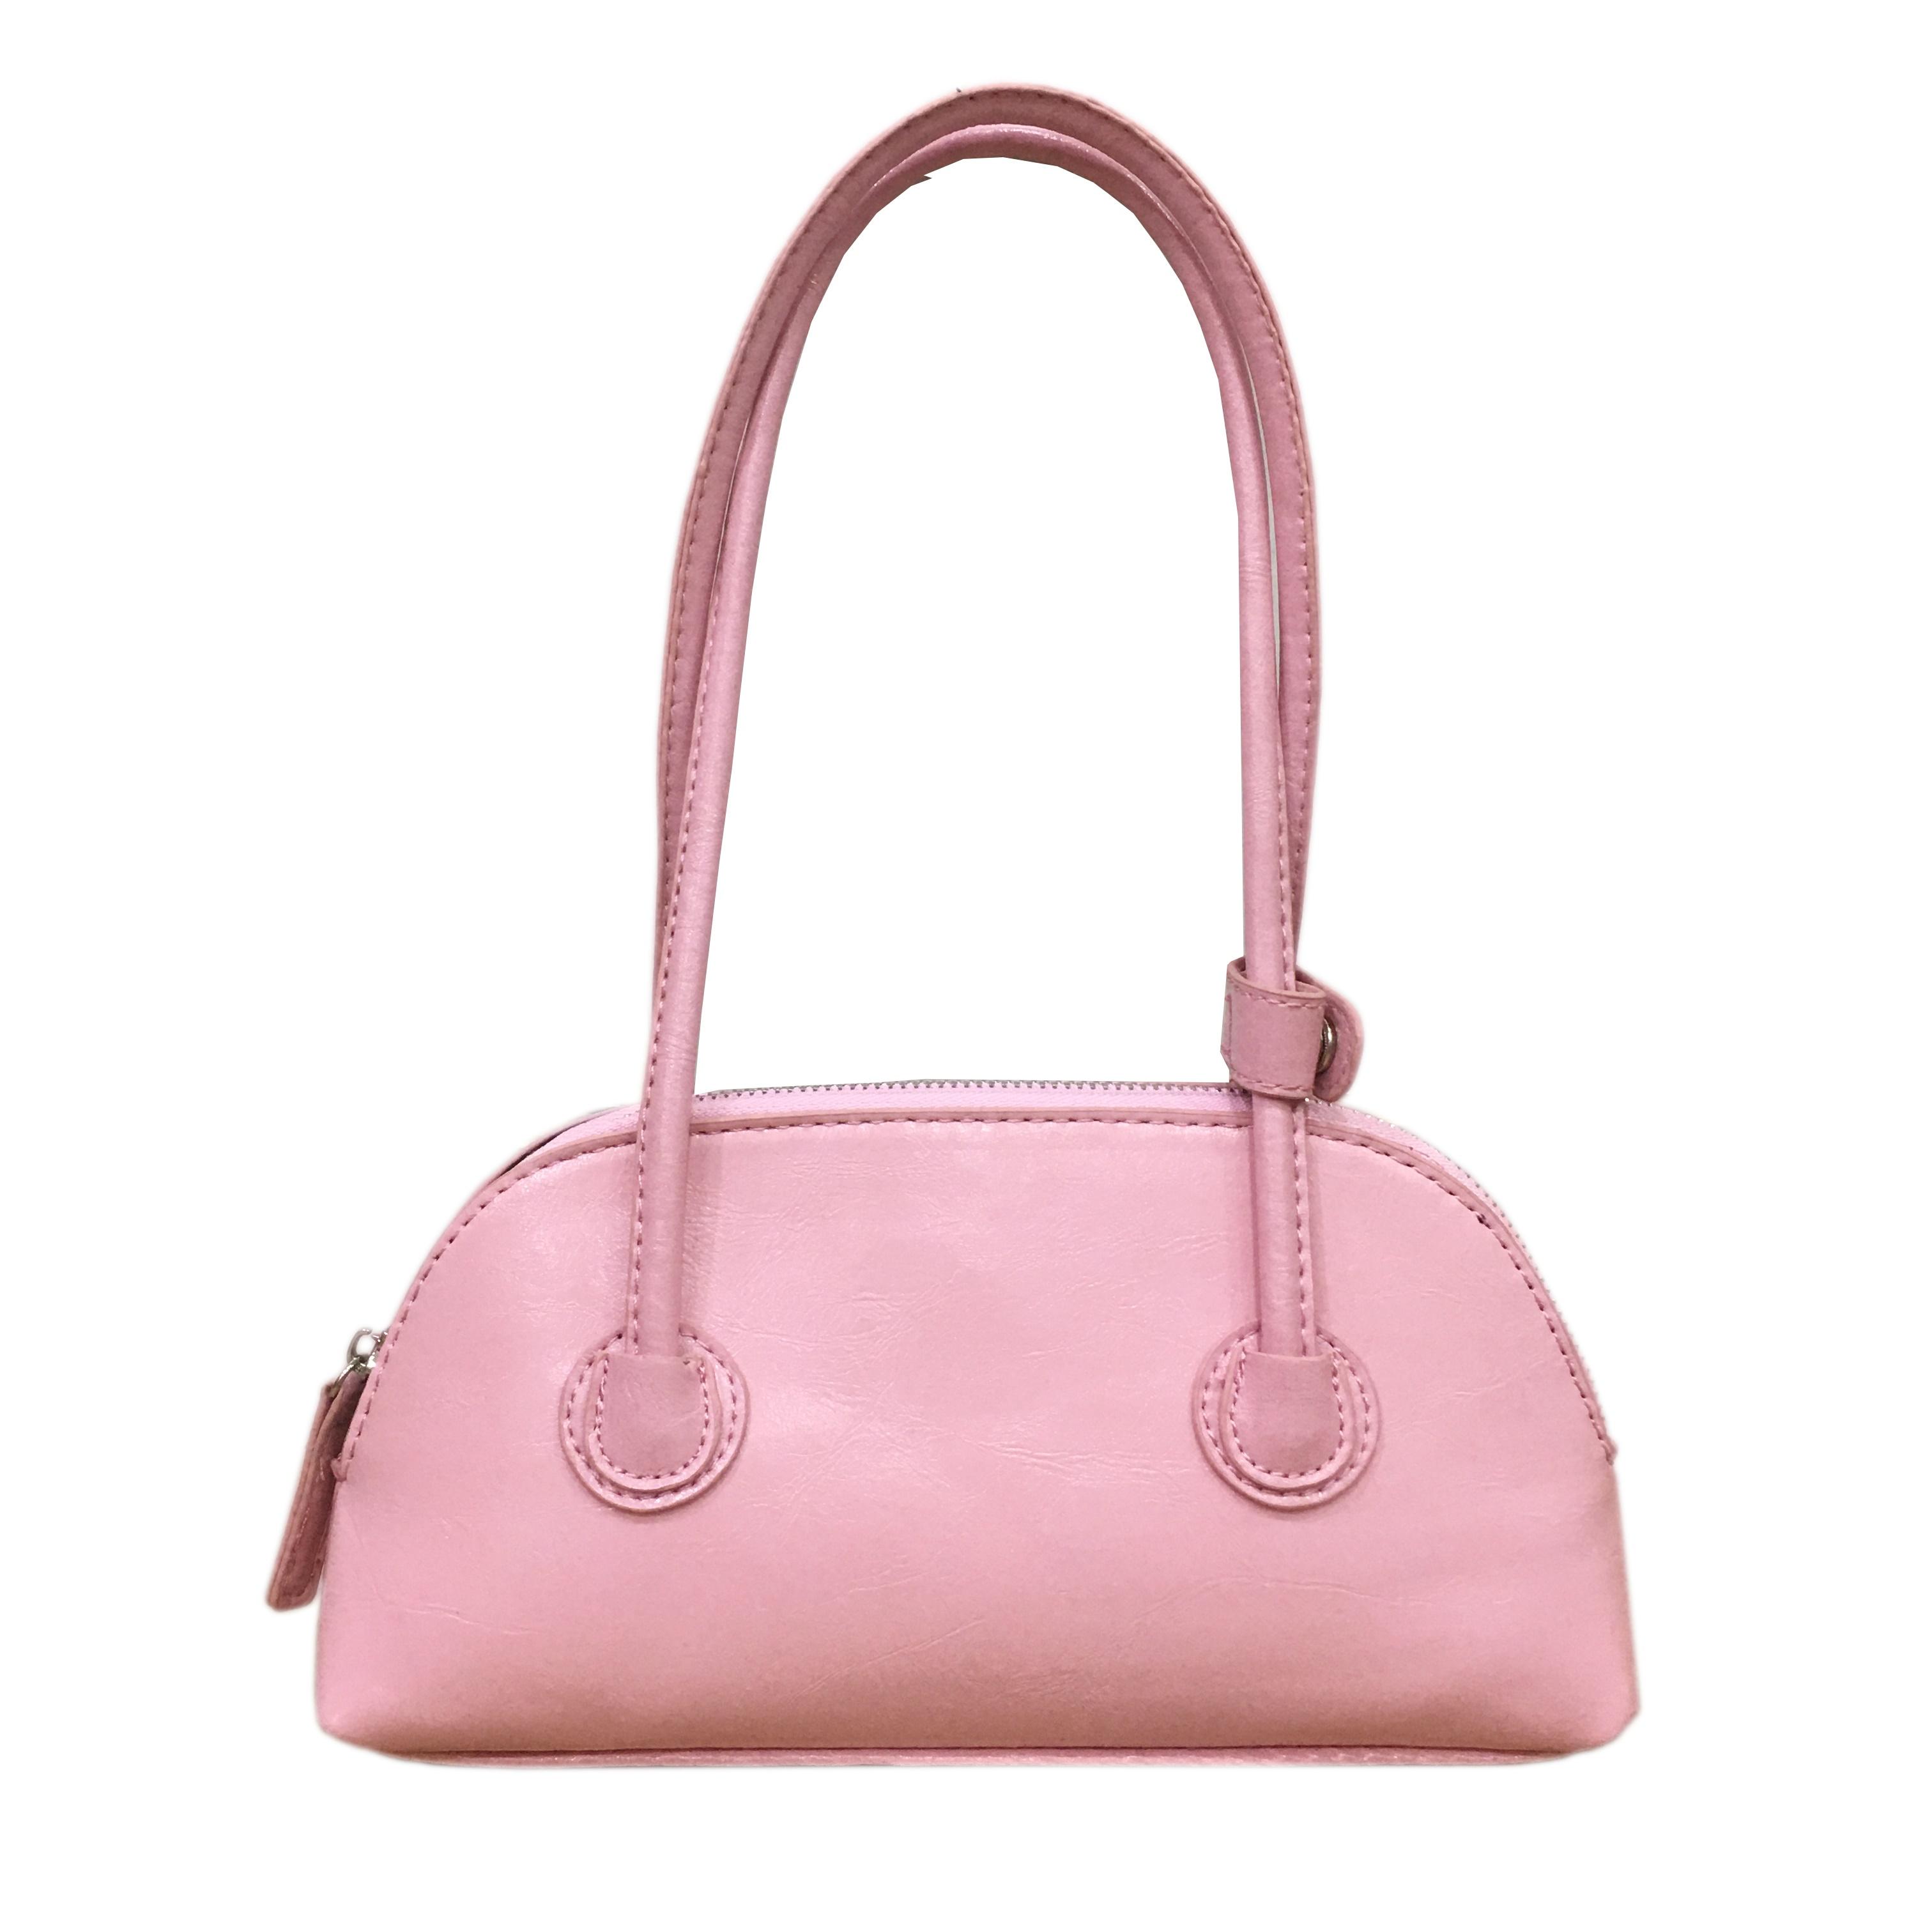 粉红色复古包 2021包包糖果色ins复古法棍包休闲粉色手提单肩腋下包粉红色百搭_推荐淘宝好看的粉红色复古包